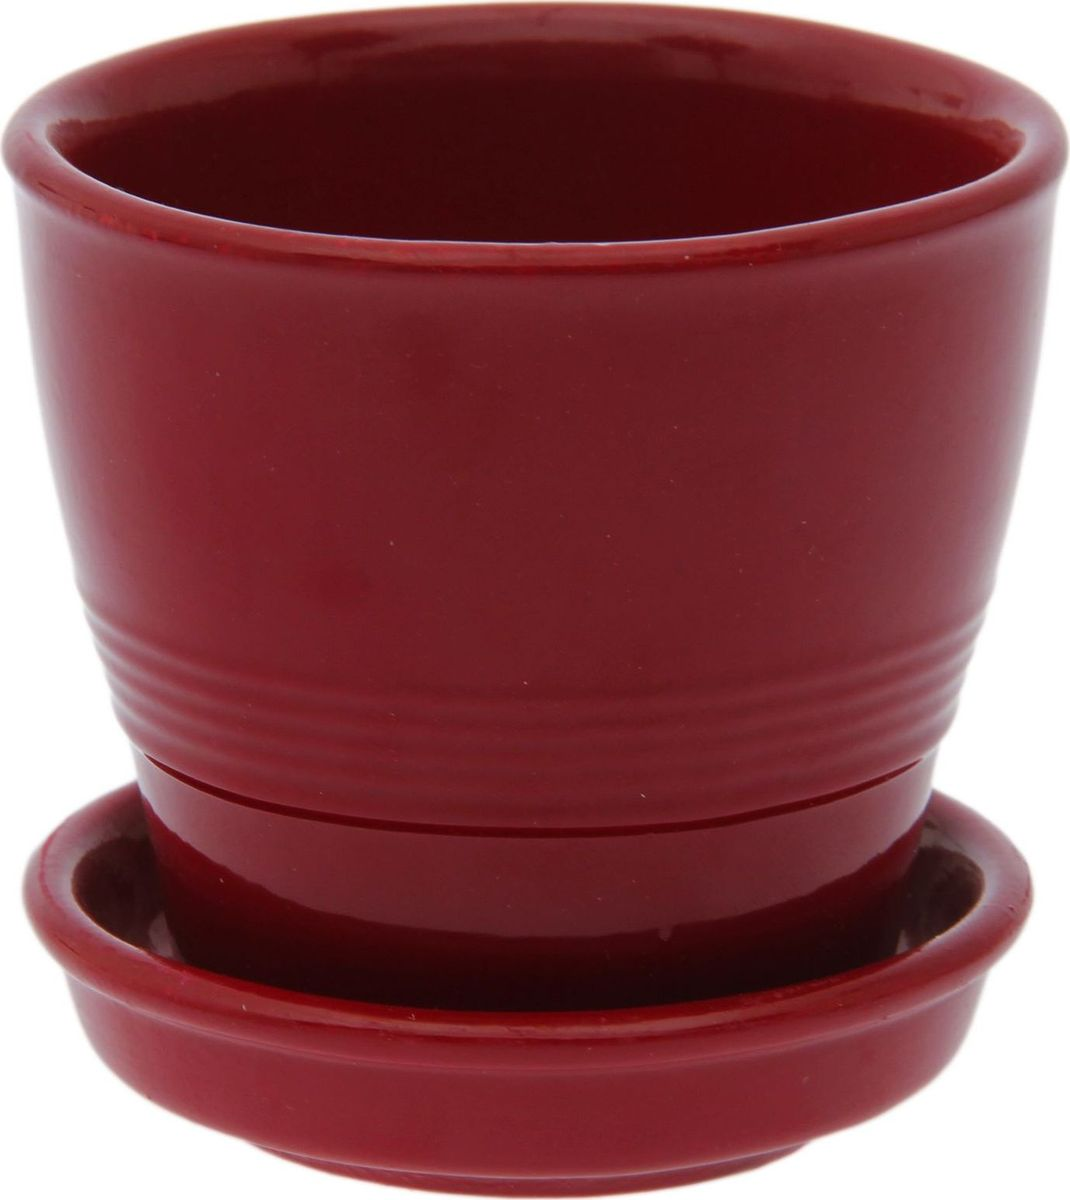 Кашпо Керамика ручной работы Ведро, цвет: бордовый, 0,23 л1345293Комнатные растения — всеобщие любимцы. Они радуют глаз, насыщают помещение кислородом и украшают пространство. Каждому из них необходим свой удобный и красивый дом. Кашпо из керамики прекрасно подходят для высадки растений: за счёт пластичности глины и разных способов обработки существует великое множество форм и дизайновпористый материал позволяет испаряться лишней влагевоздух, необходимый для дыхания корней, проникает сквозь керамические стенки! #name# позаботится о зелёном питомце, освежит интерьер и подчеркнёт его стиль.